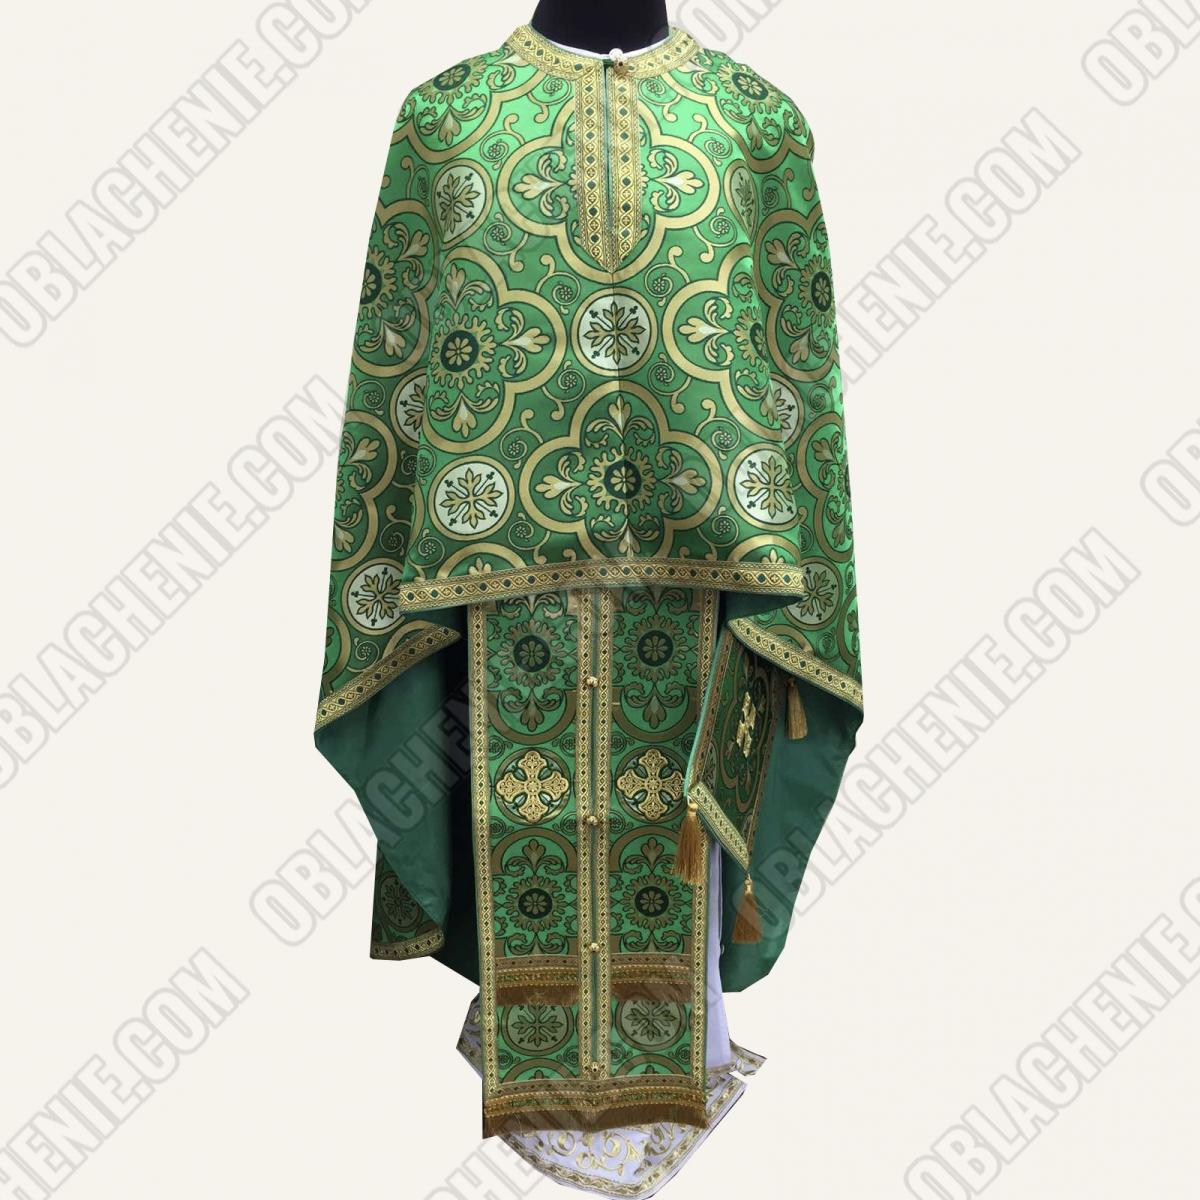 PRIEST'S VESTMENTS 11561